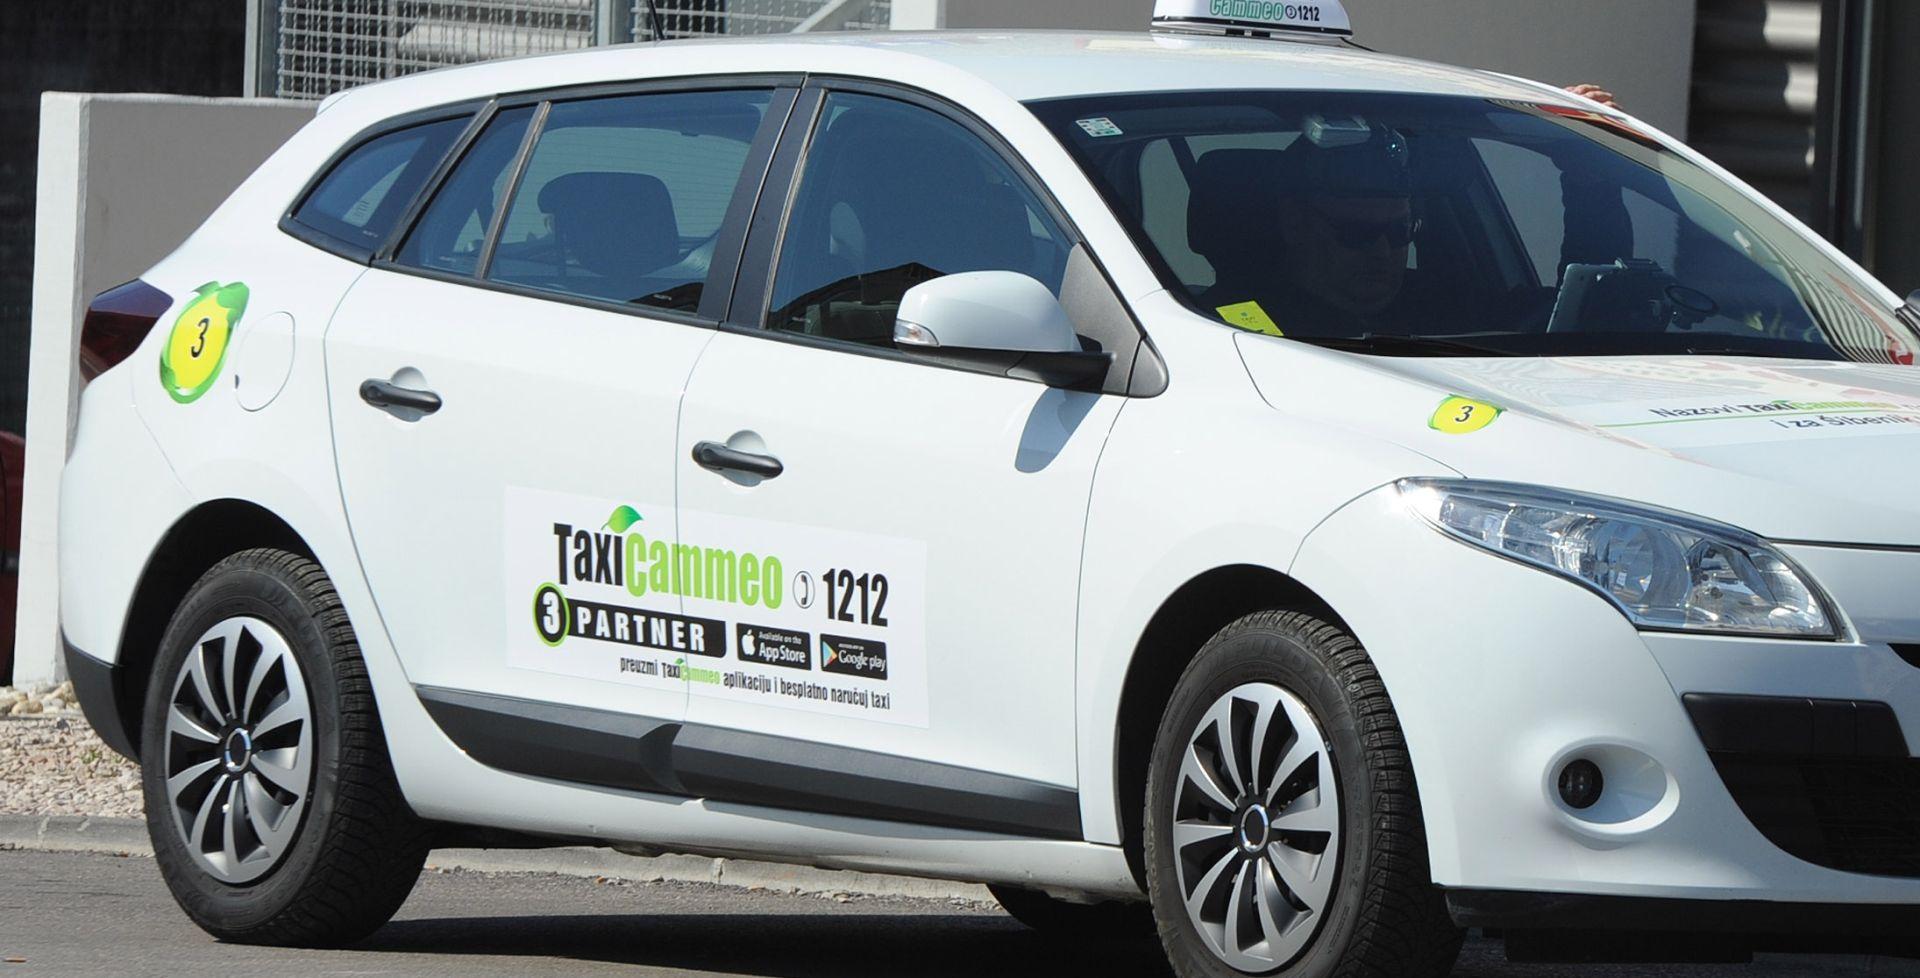 REAGIRANJE CAMMEO GRUPE na najavljene promjene u odluci o auto-taksi prijevozu u Zagrebu